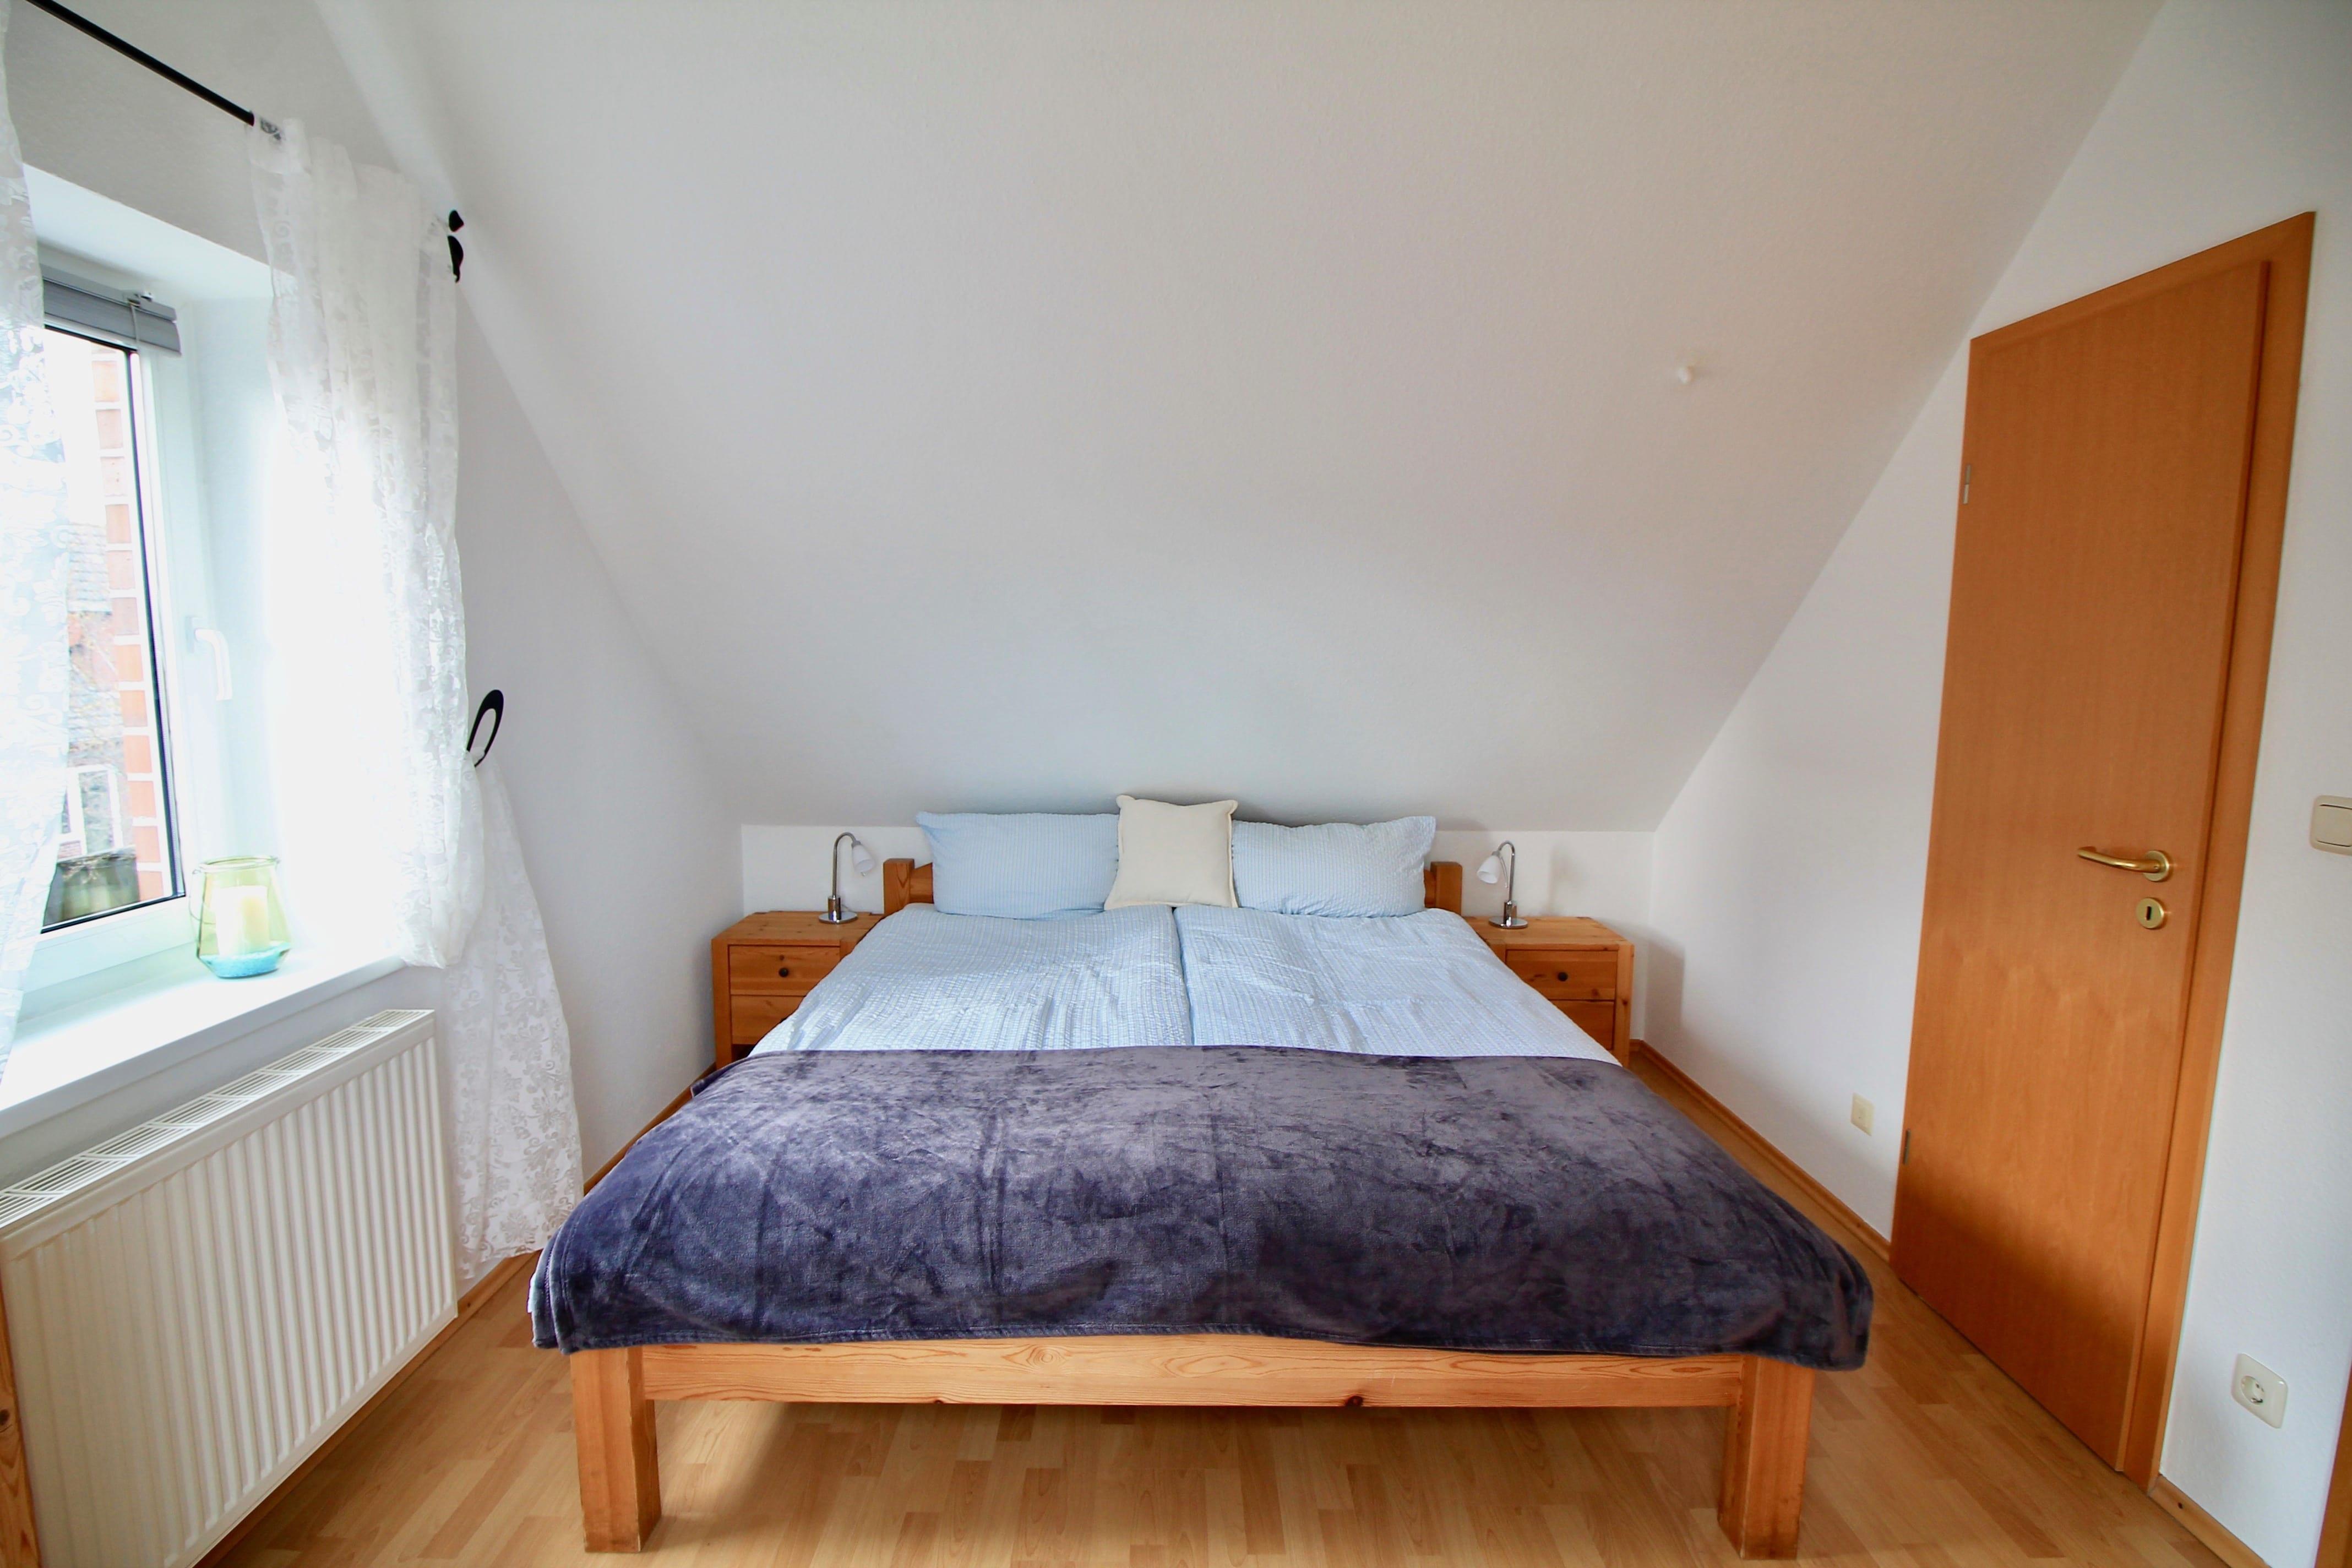 29.-DG-Doppelbettzimmer